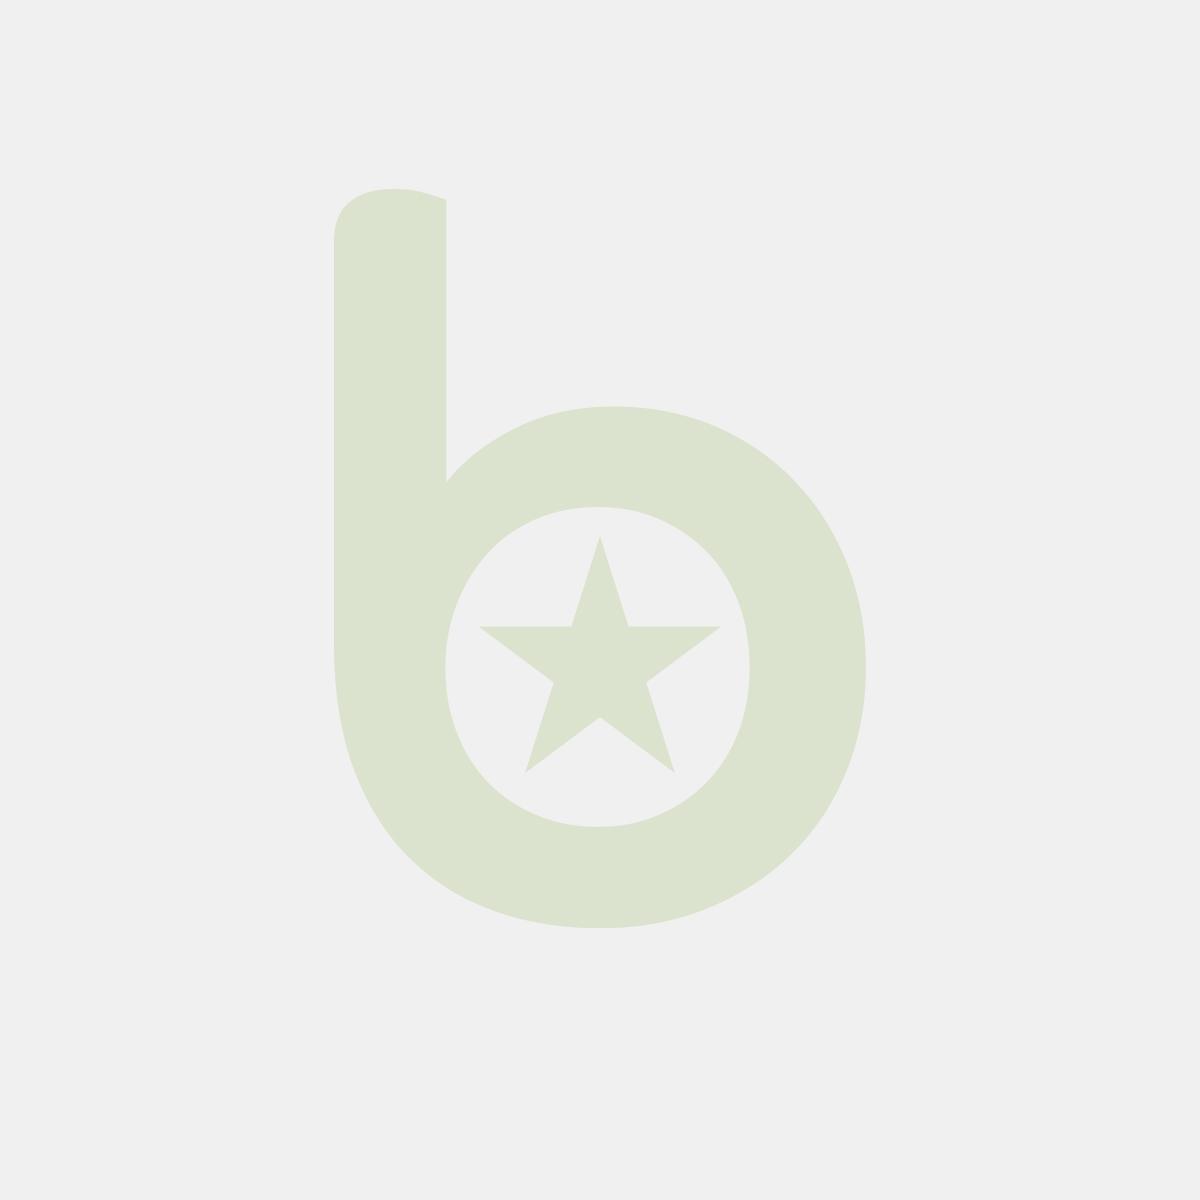 Czarne mini tabliczki kredowe 9cm op. 100 sztuk